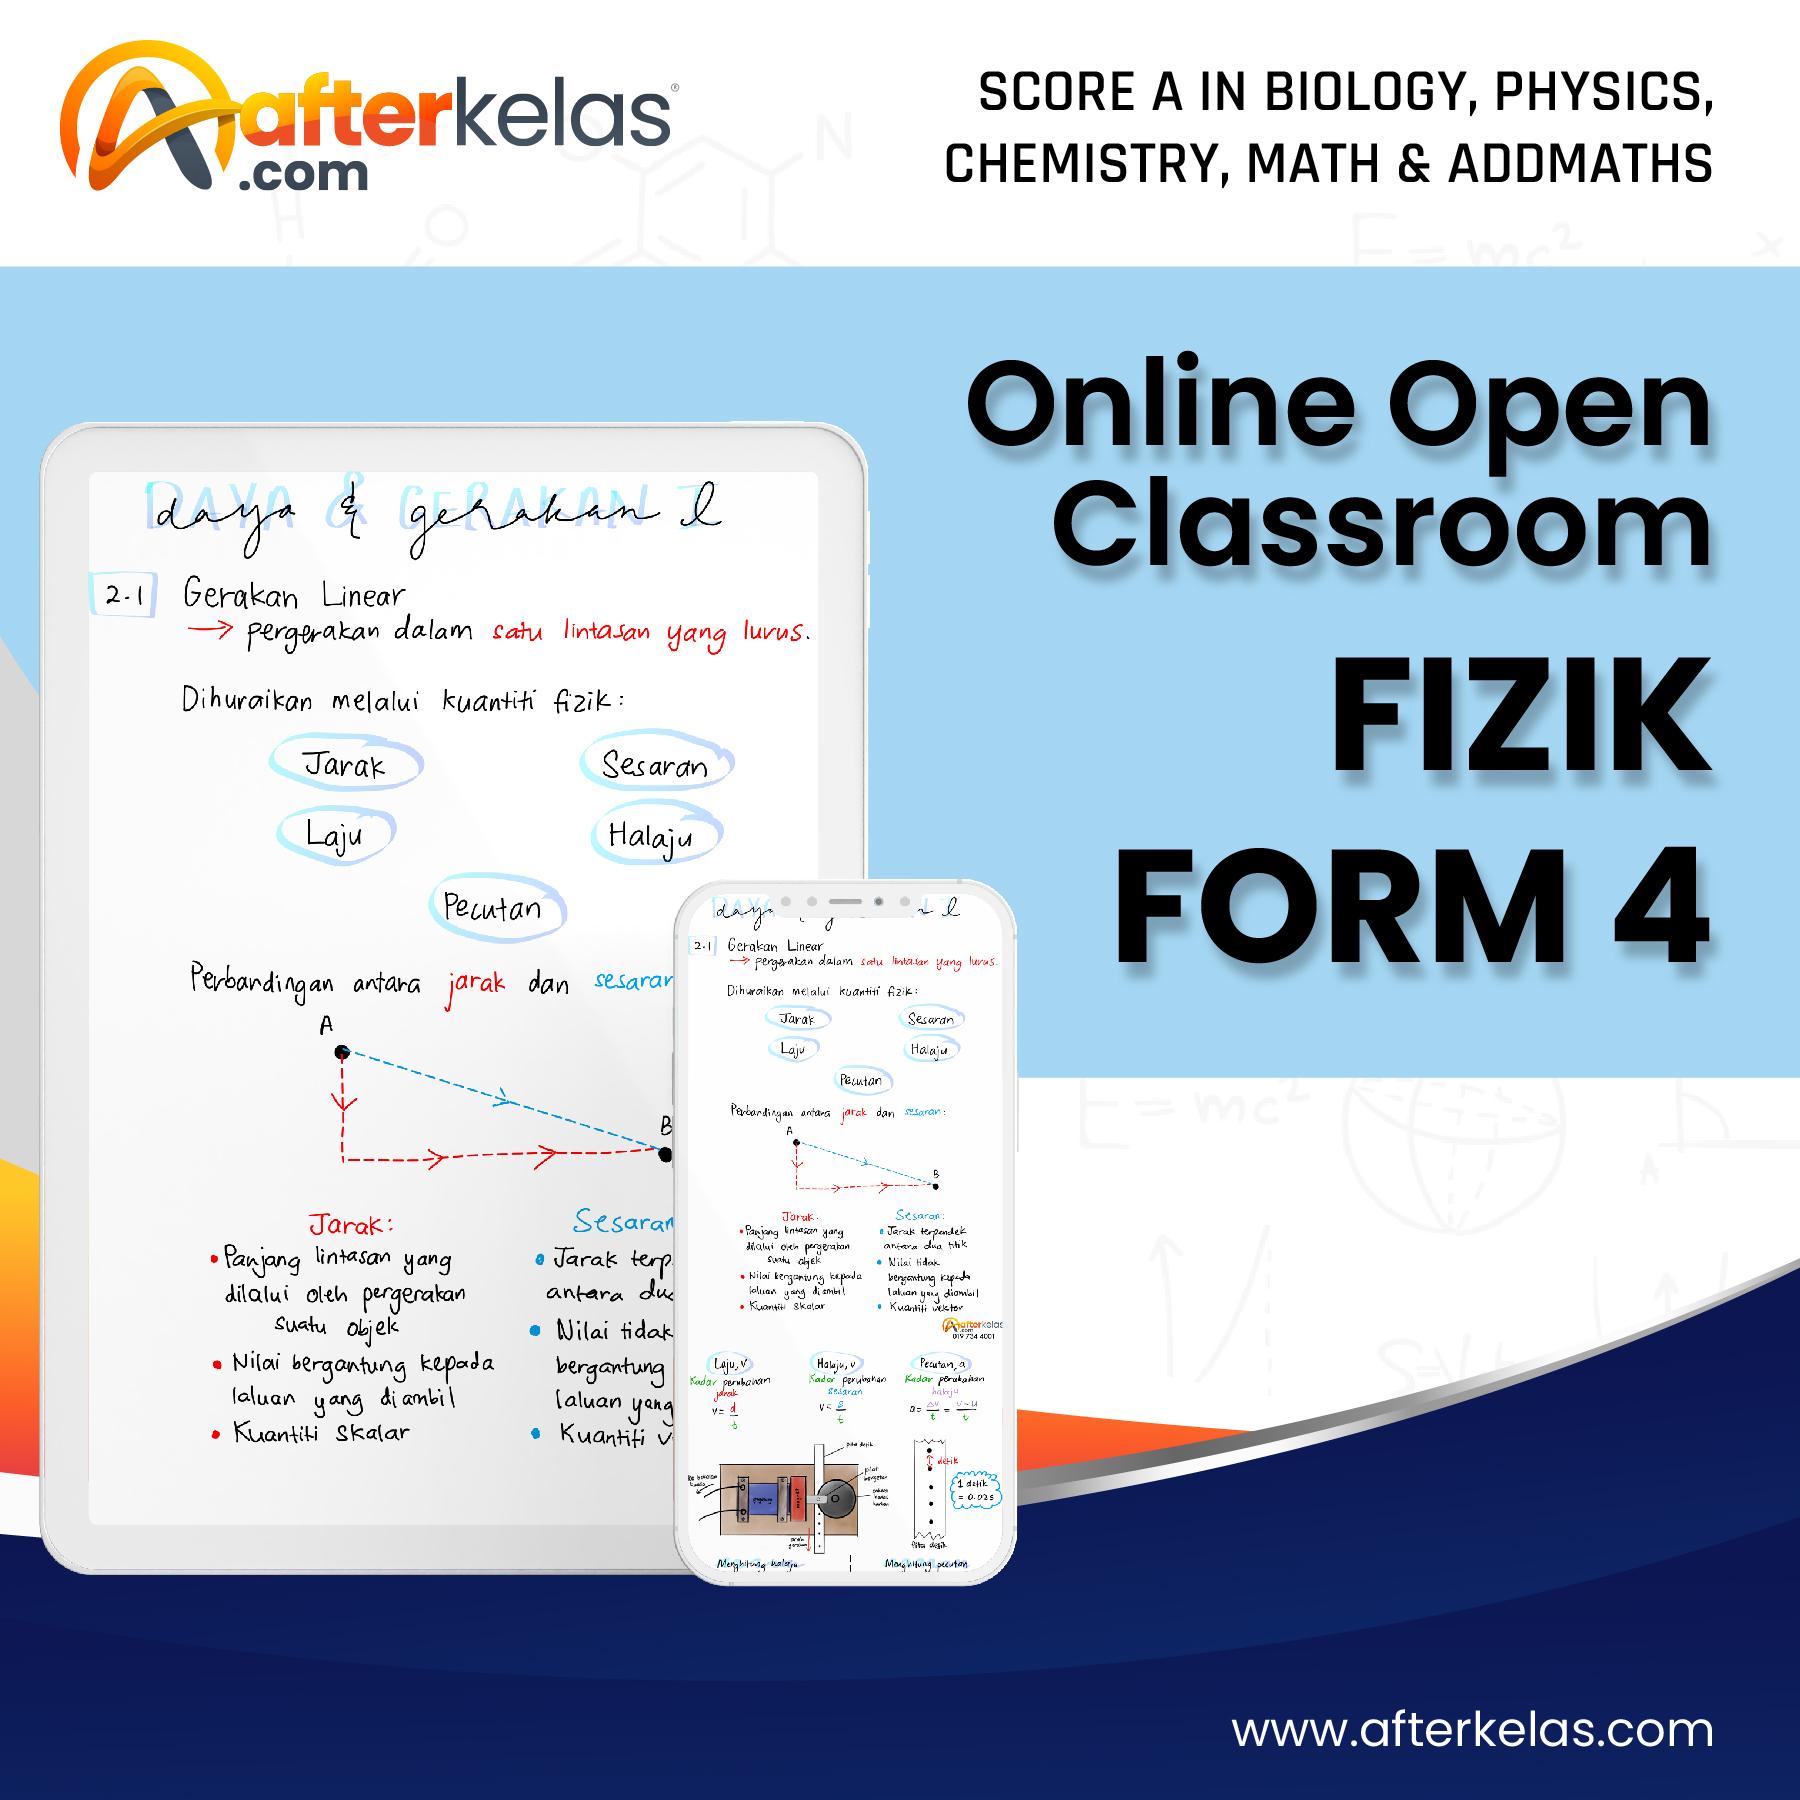 F4 fizik